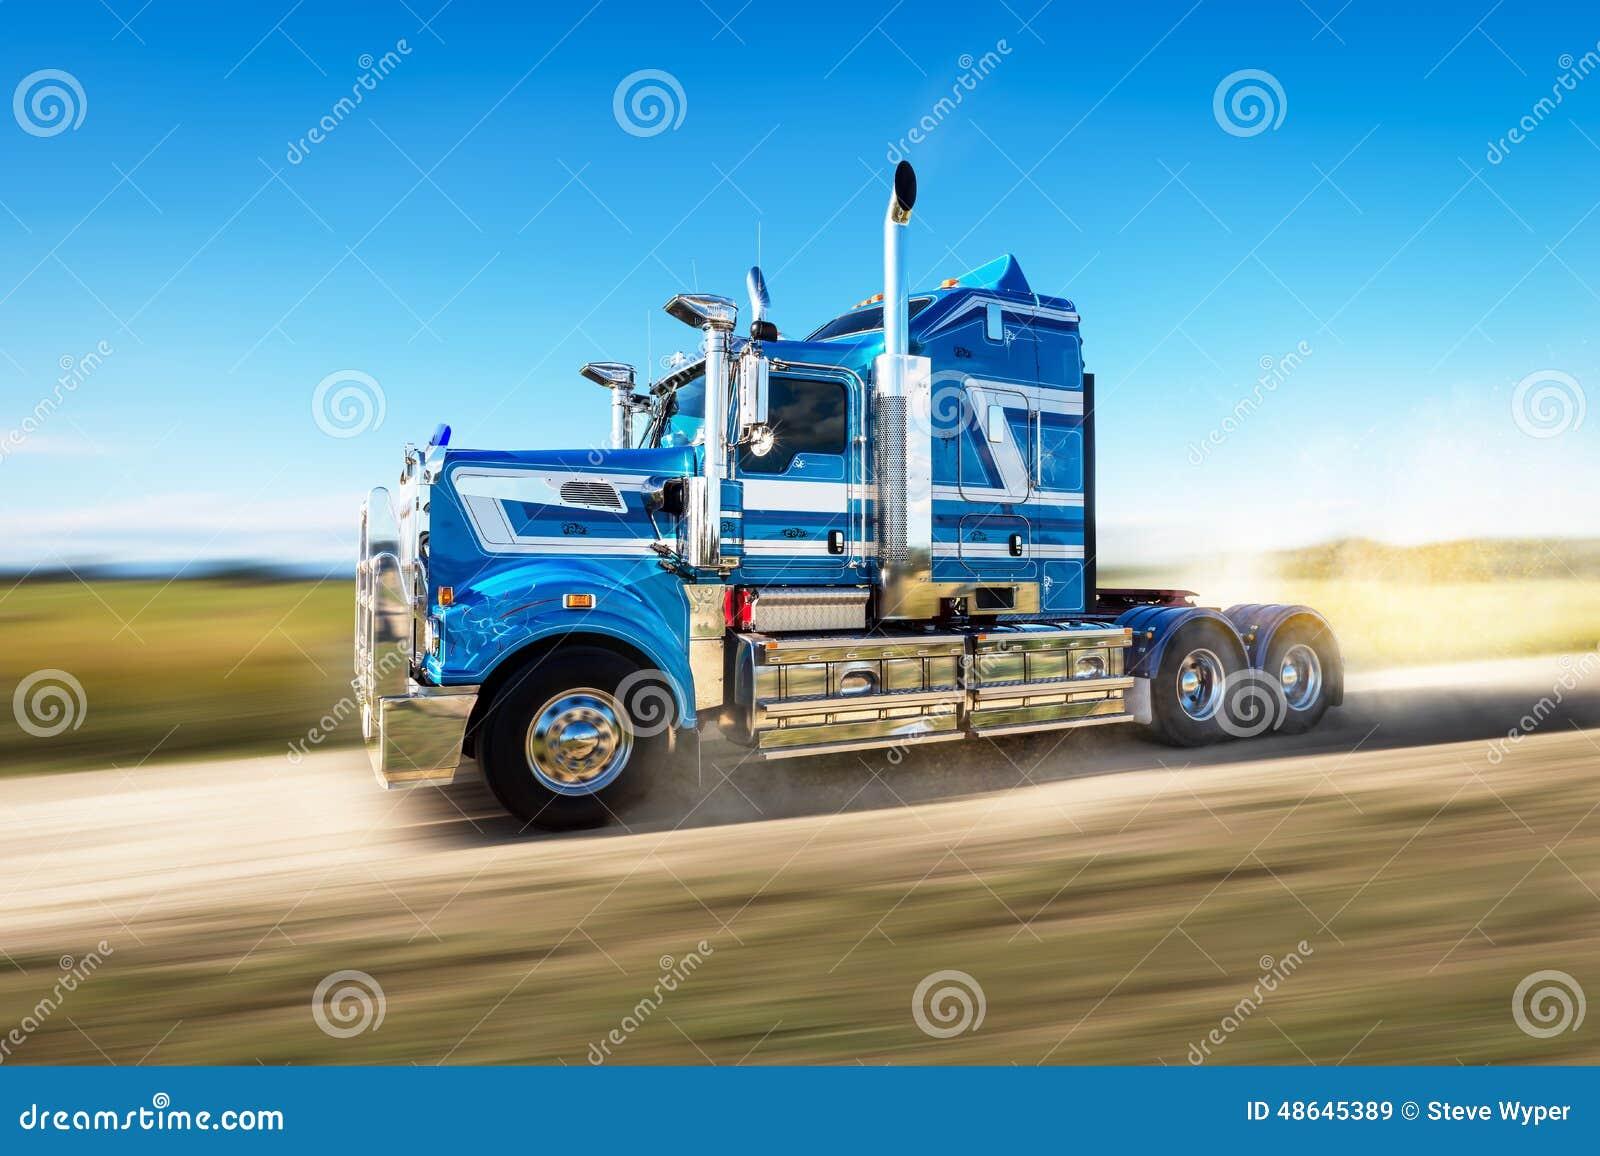 Φορτηγό στο δρόμο με τη θαμπάδα ταχύτητας